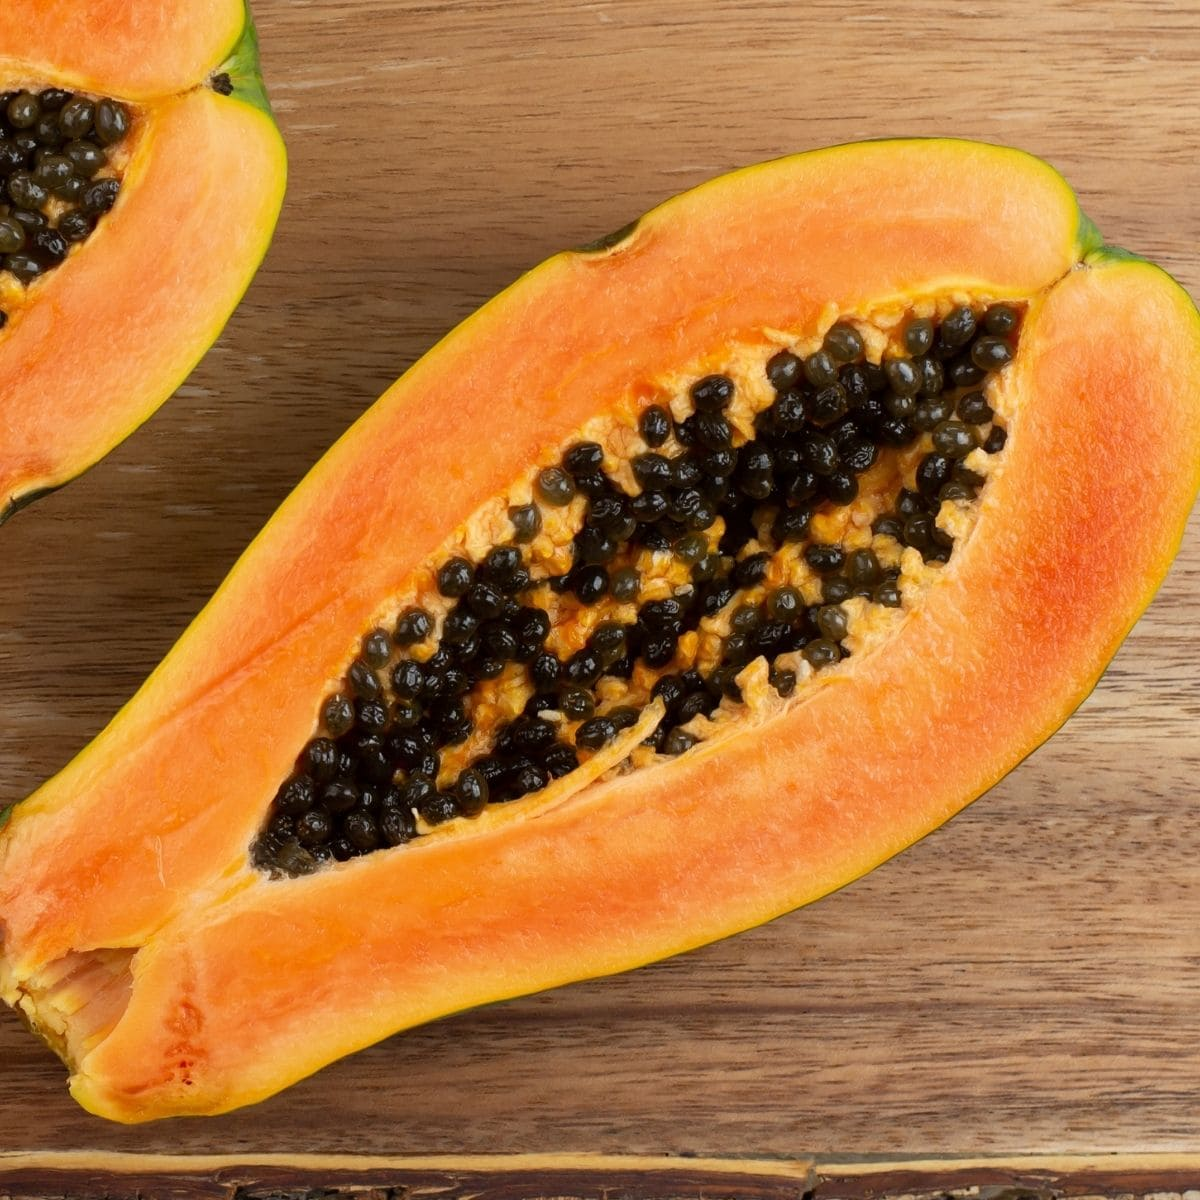 A large fresh papaya cut in half on a wooden cutting board.